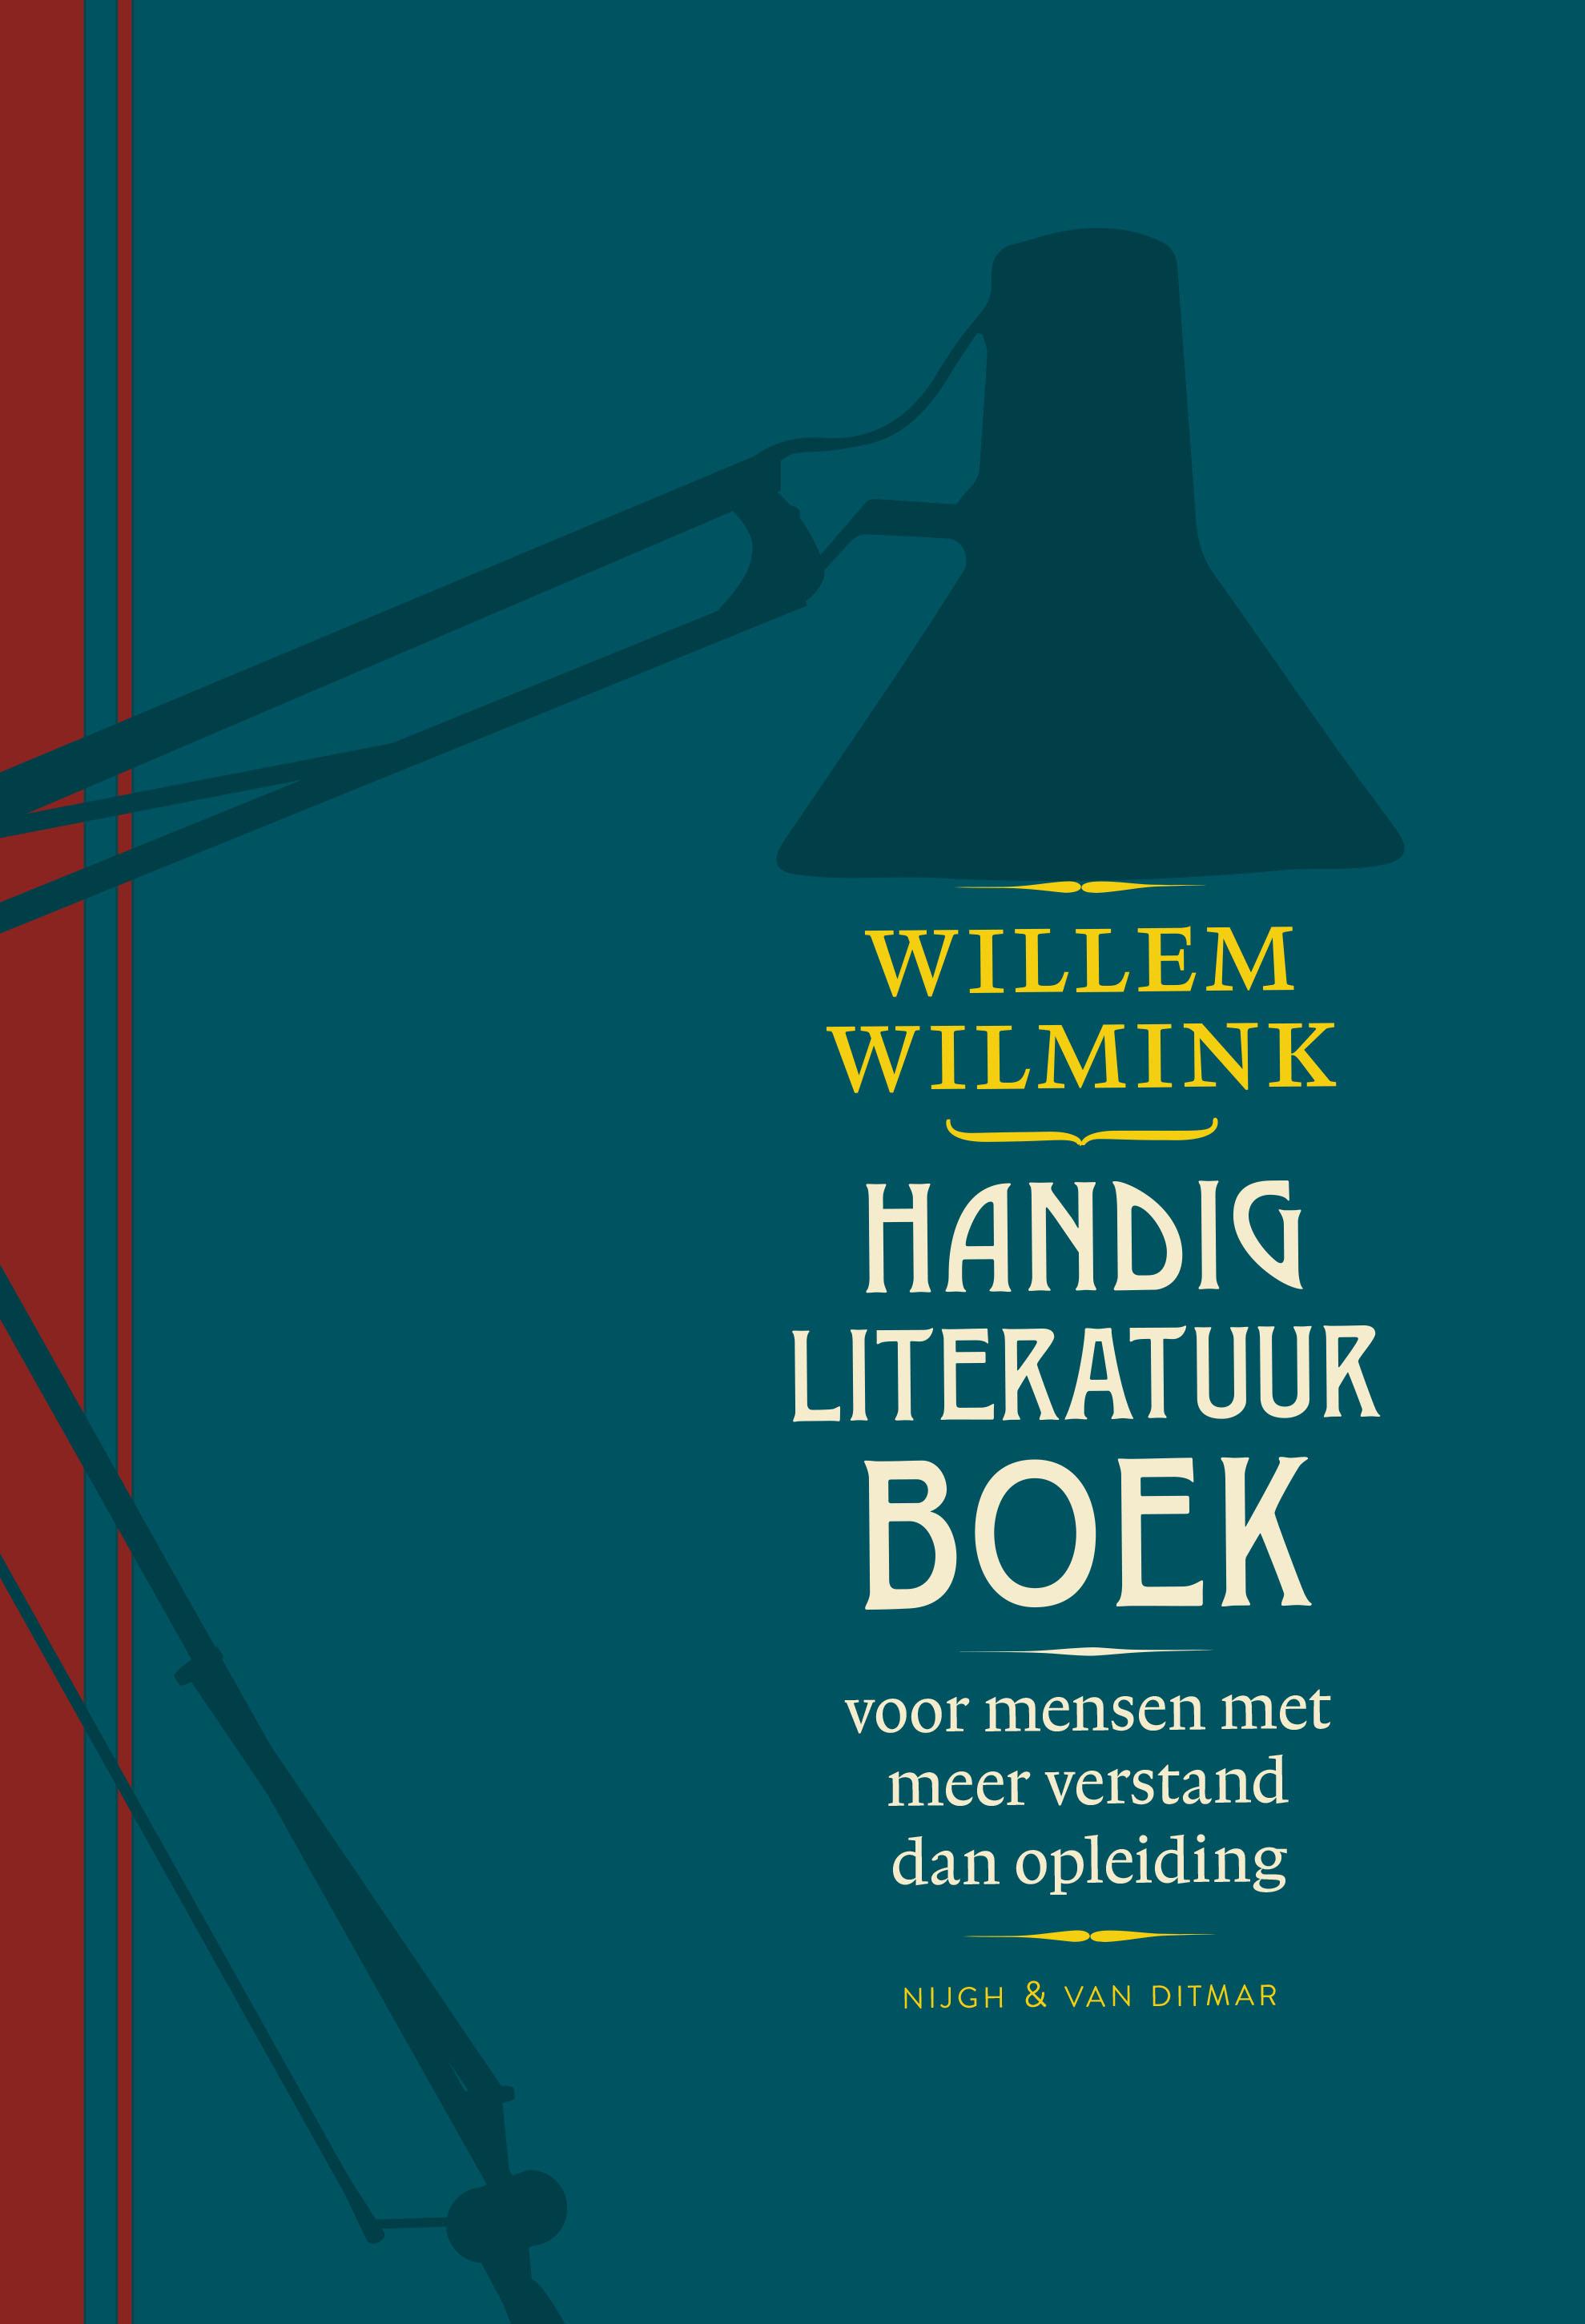 Handig literatuurboek – Willem Wilmink